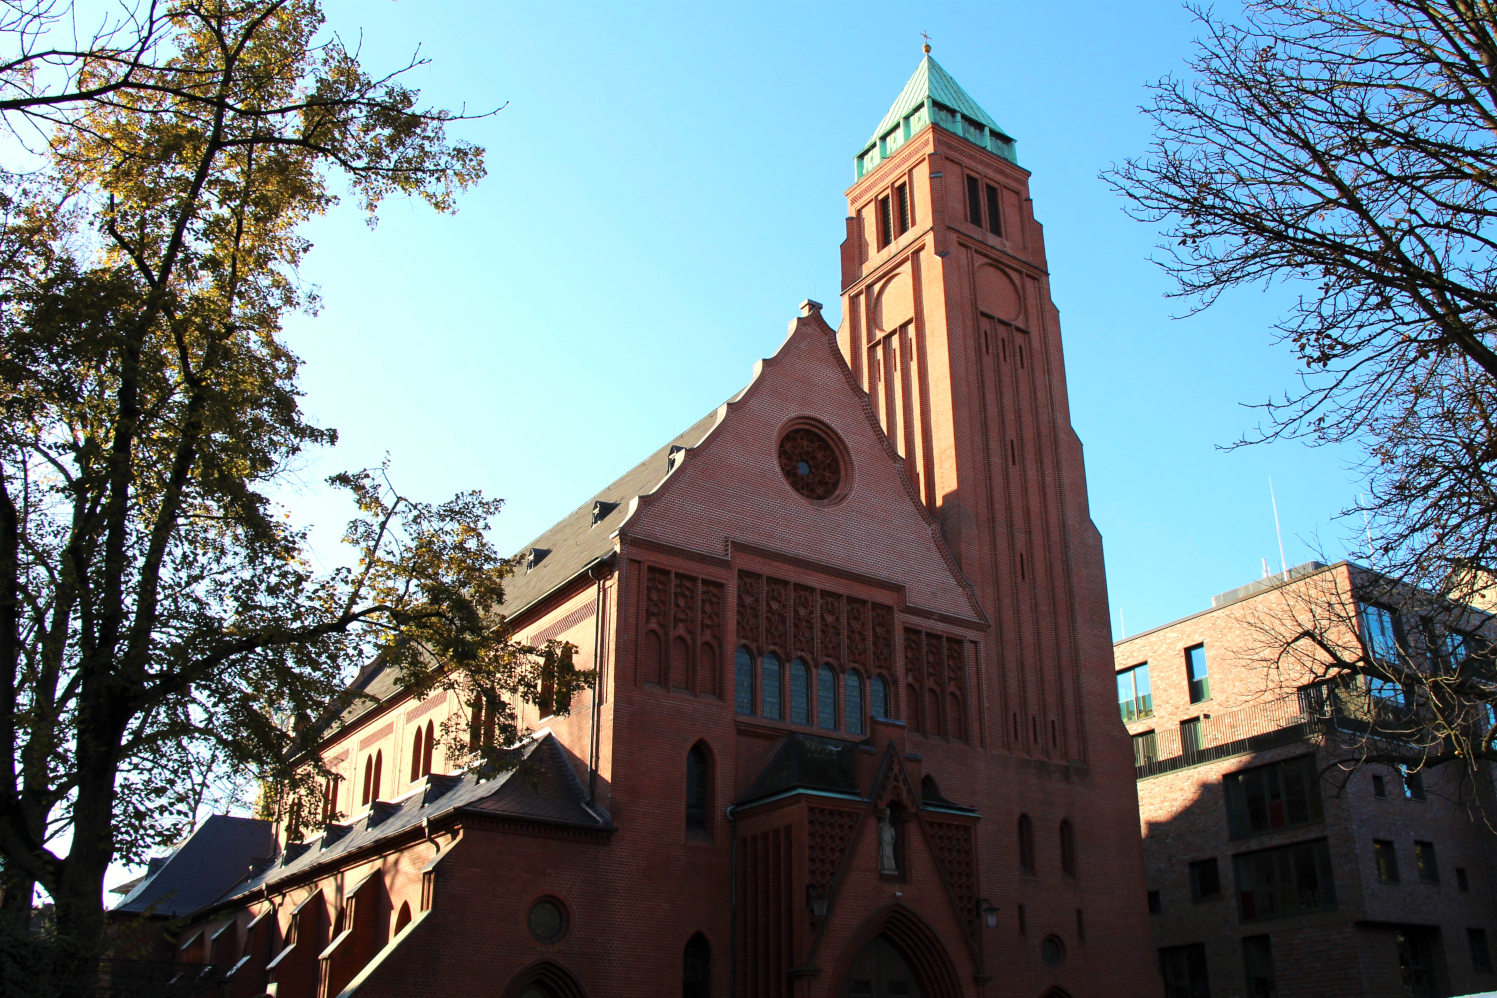 St. Bonifatius Hamburg